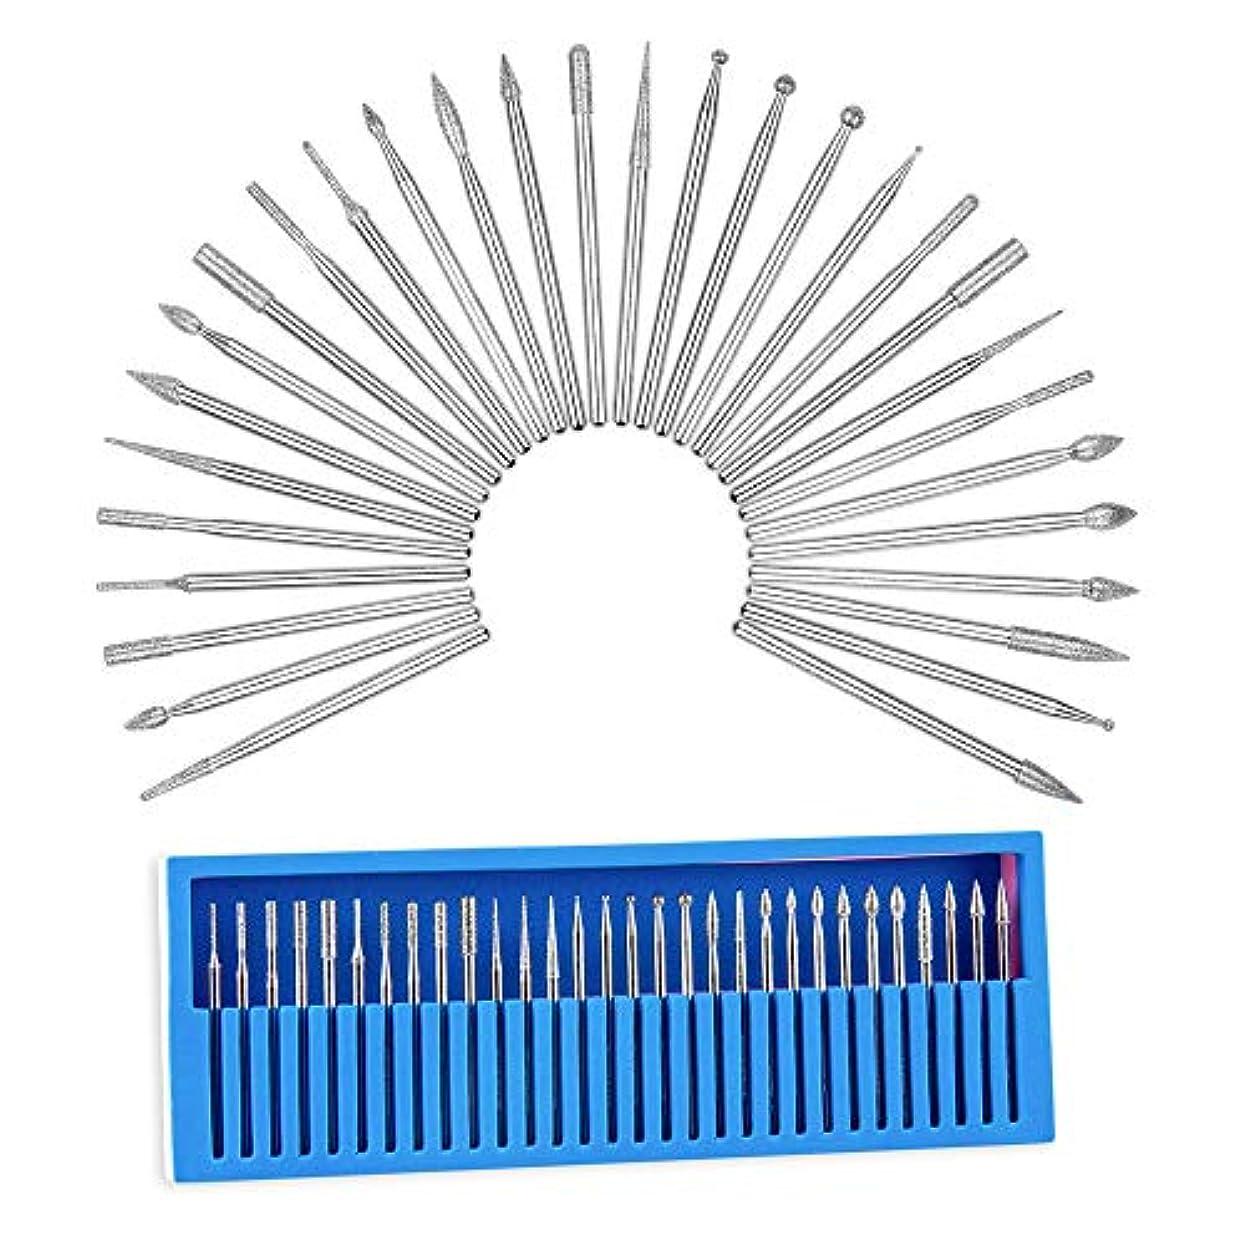 色合い全員スイングネイルマシーン用 軸2.35mm 取り替えビットセット ミニルーター用 高品質 耐食 合金 各種類 30本入り 箱付 研磨 ネイルケア ネイルアート 角質処理 ツール ネイルマシーン 工具